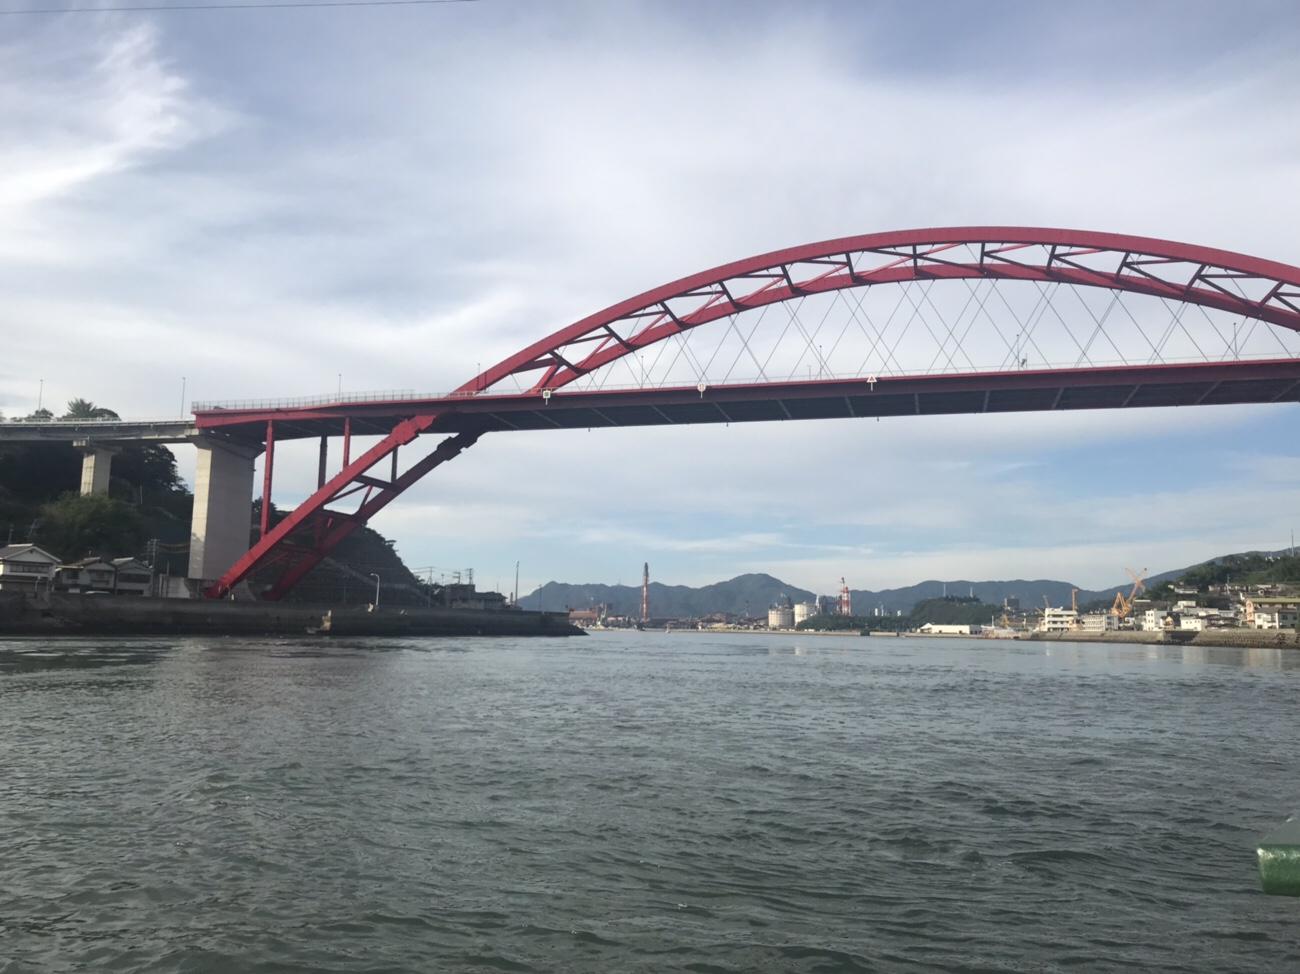 音戸渡船から観る音戸大橋